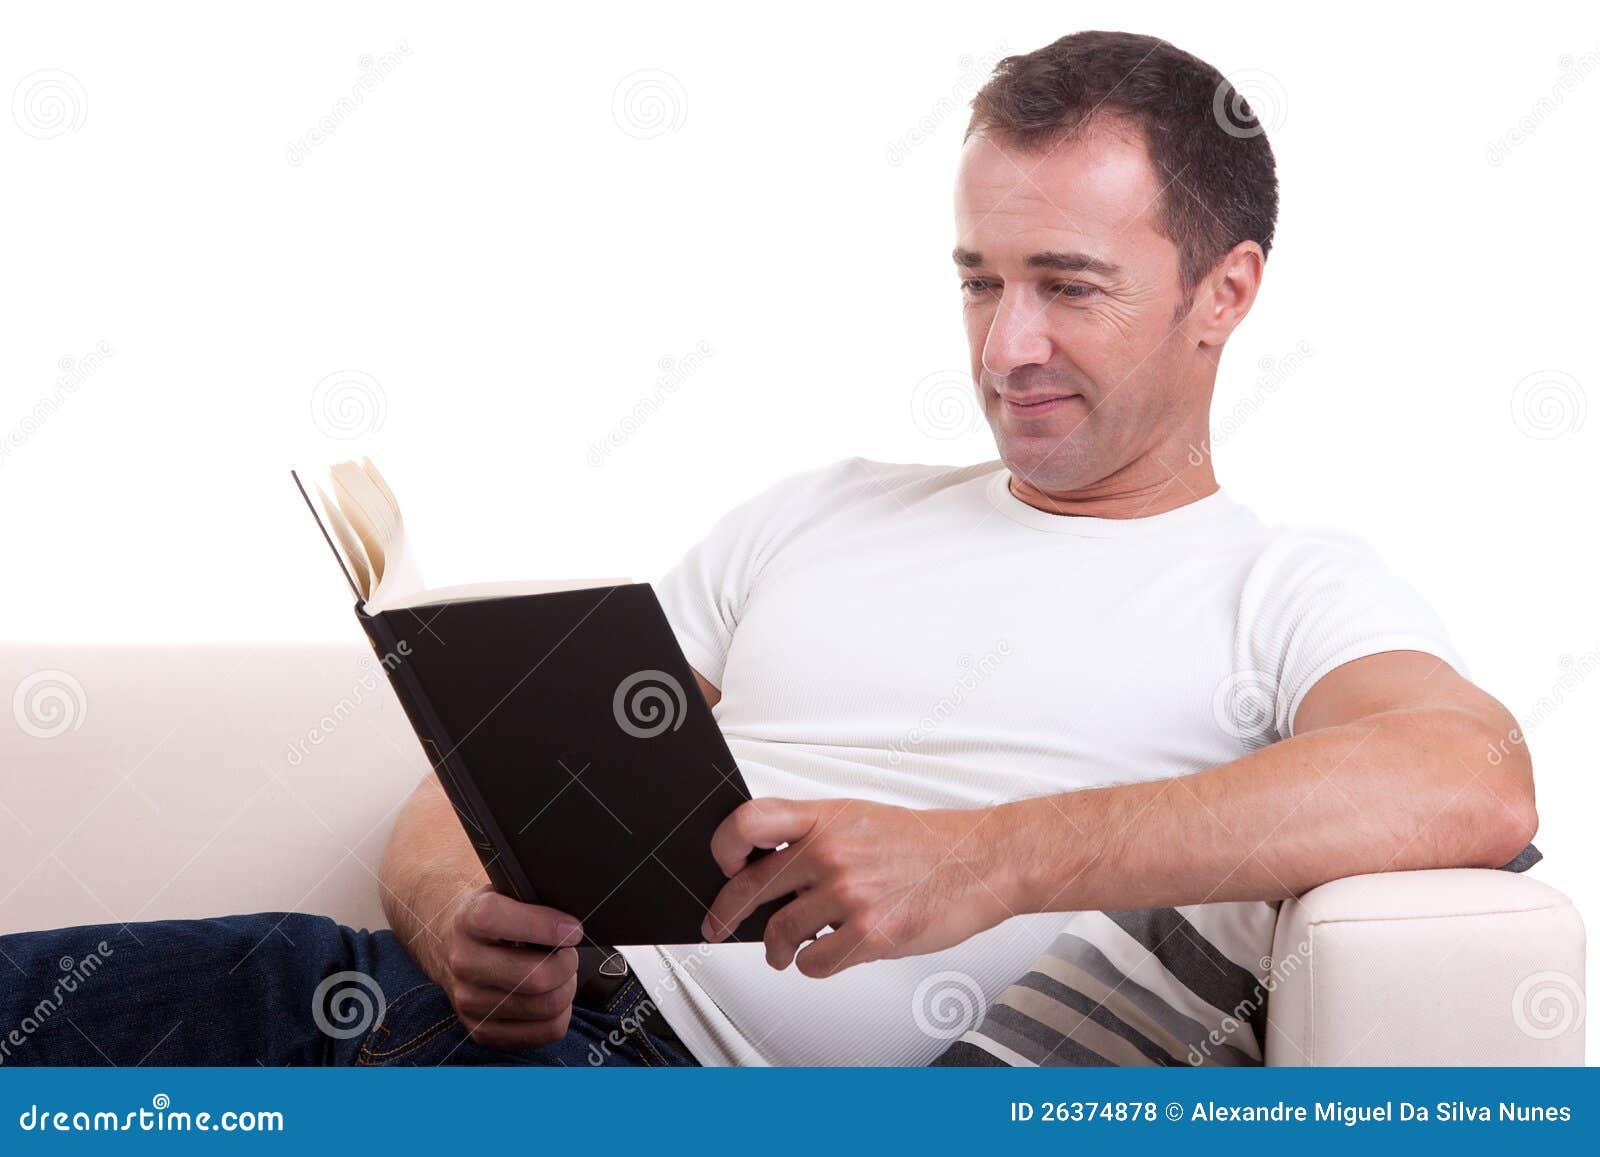 Mittler-Alter Mann, der auf dem Sofa liest ein Buch liegt